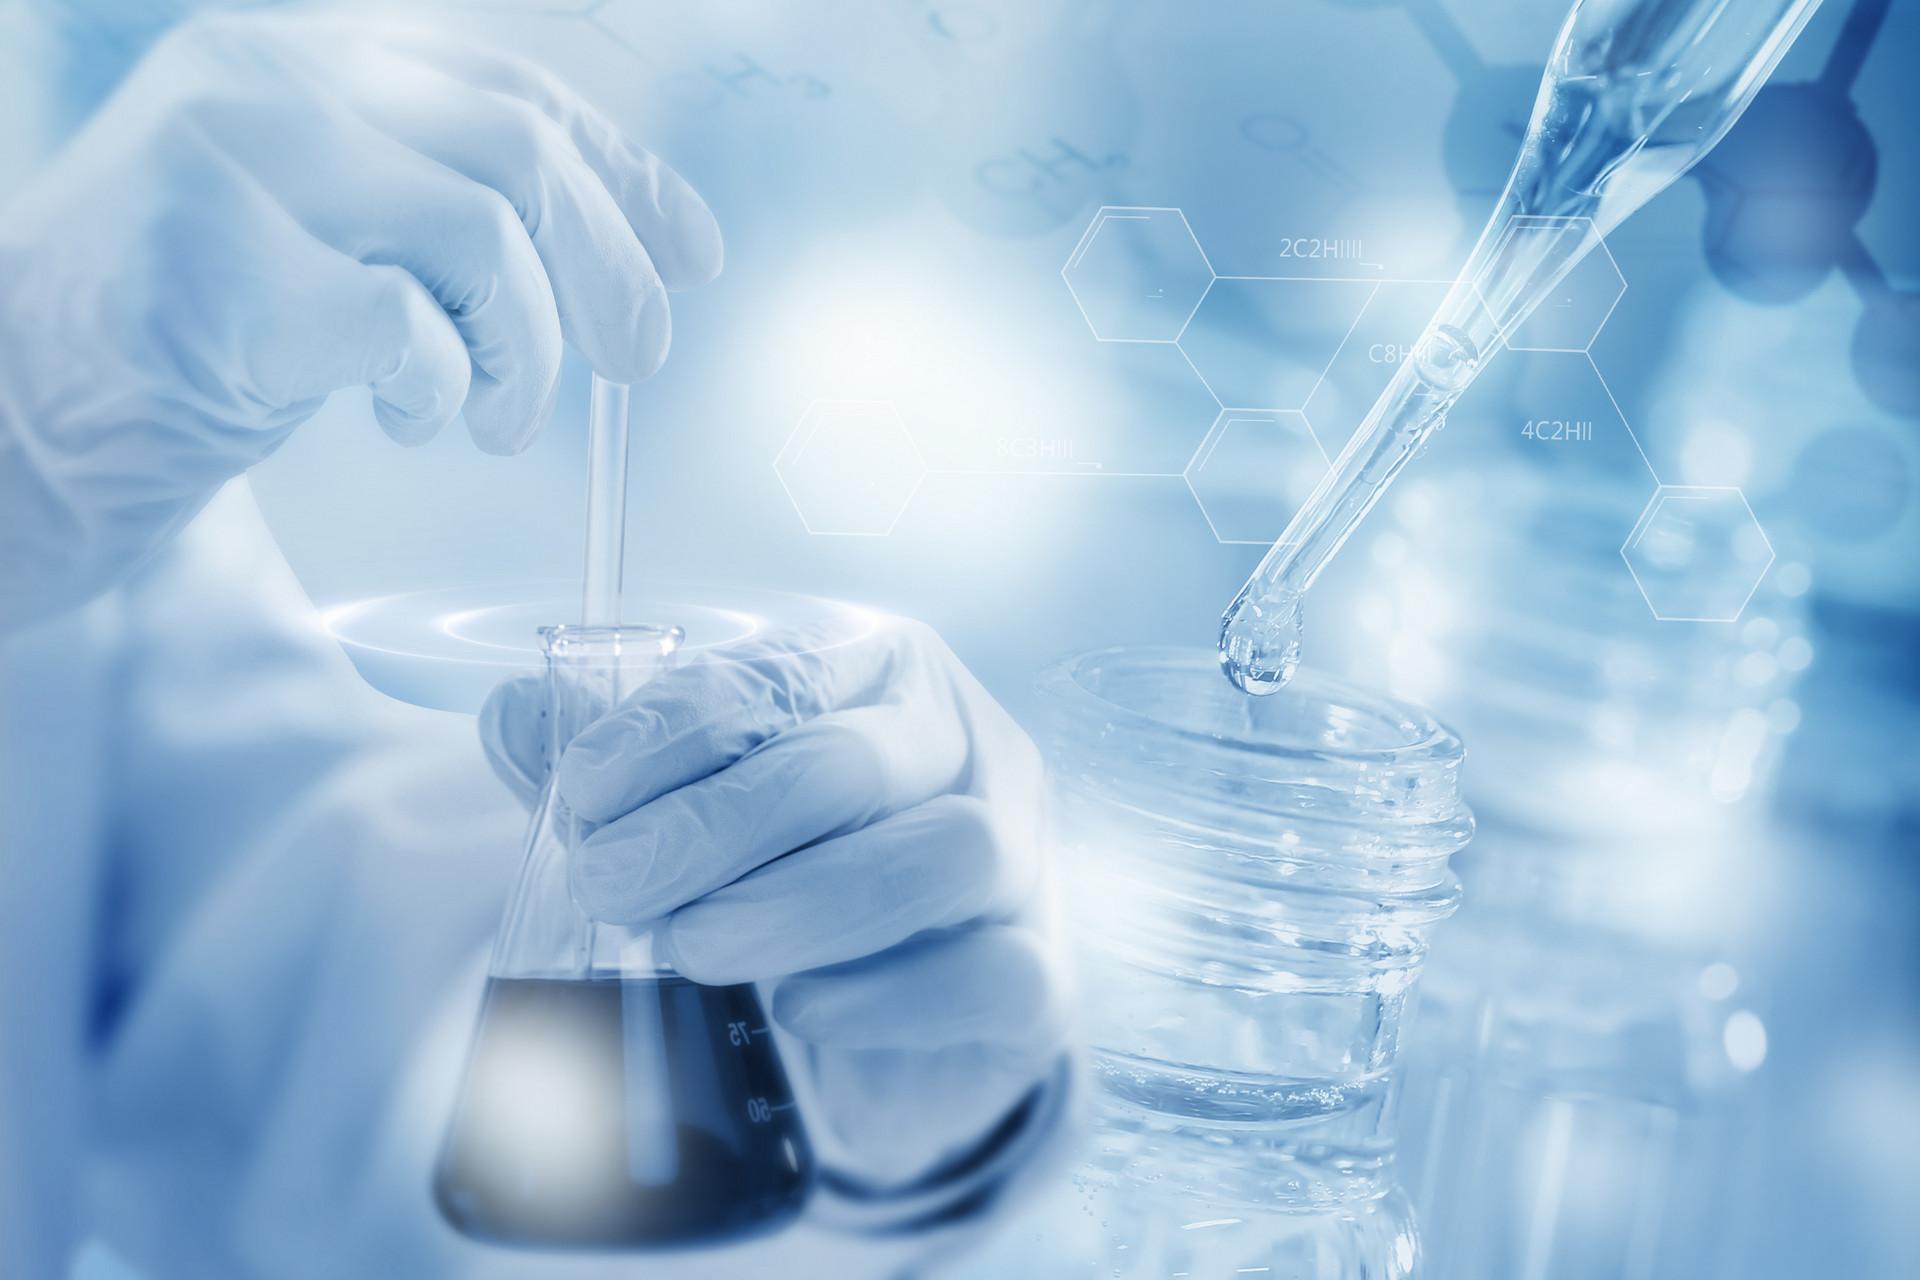 国内生物技术发展现状